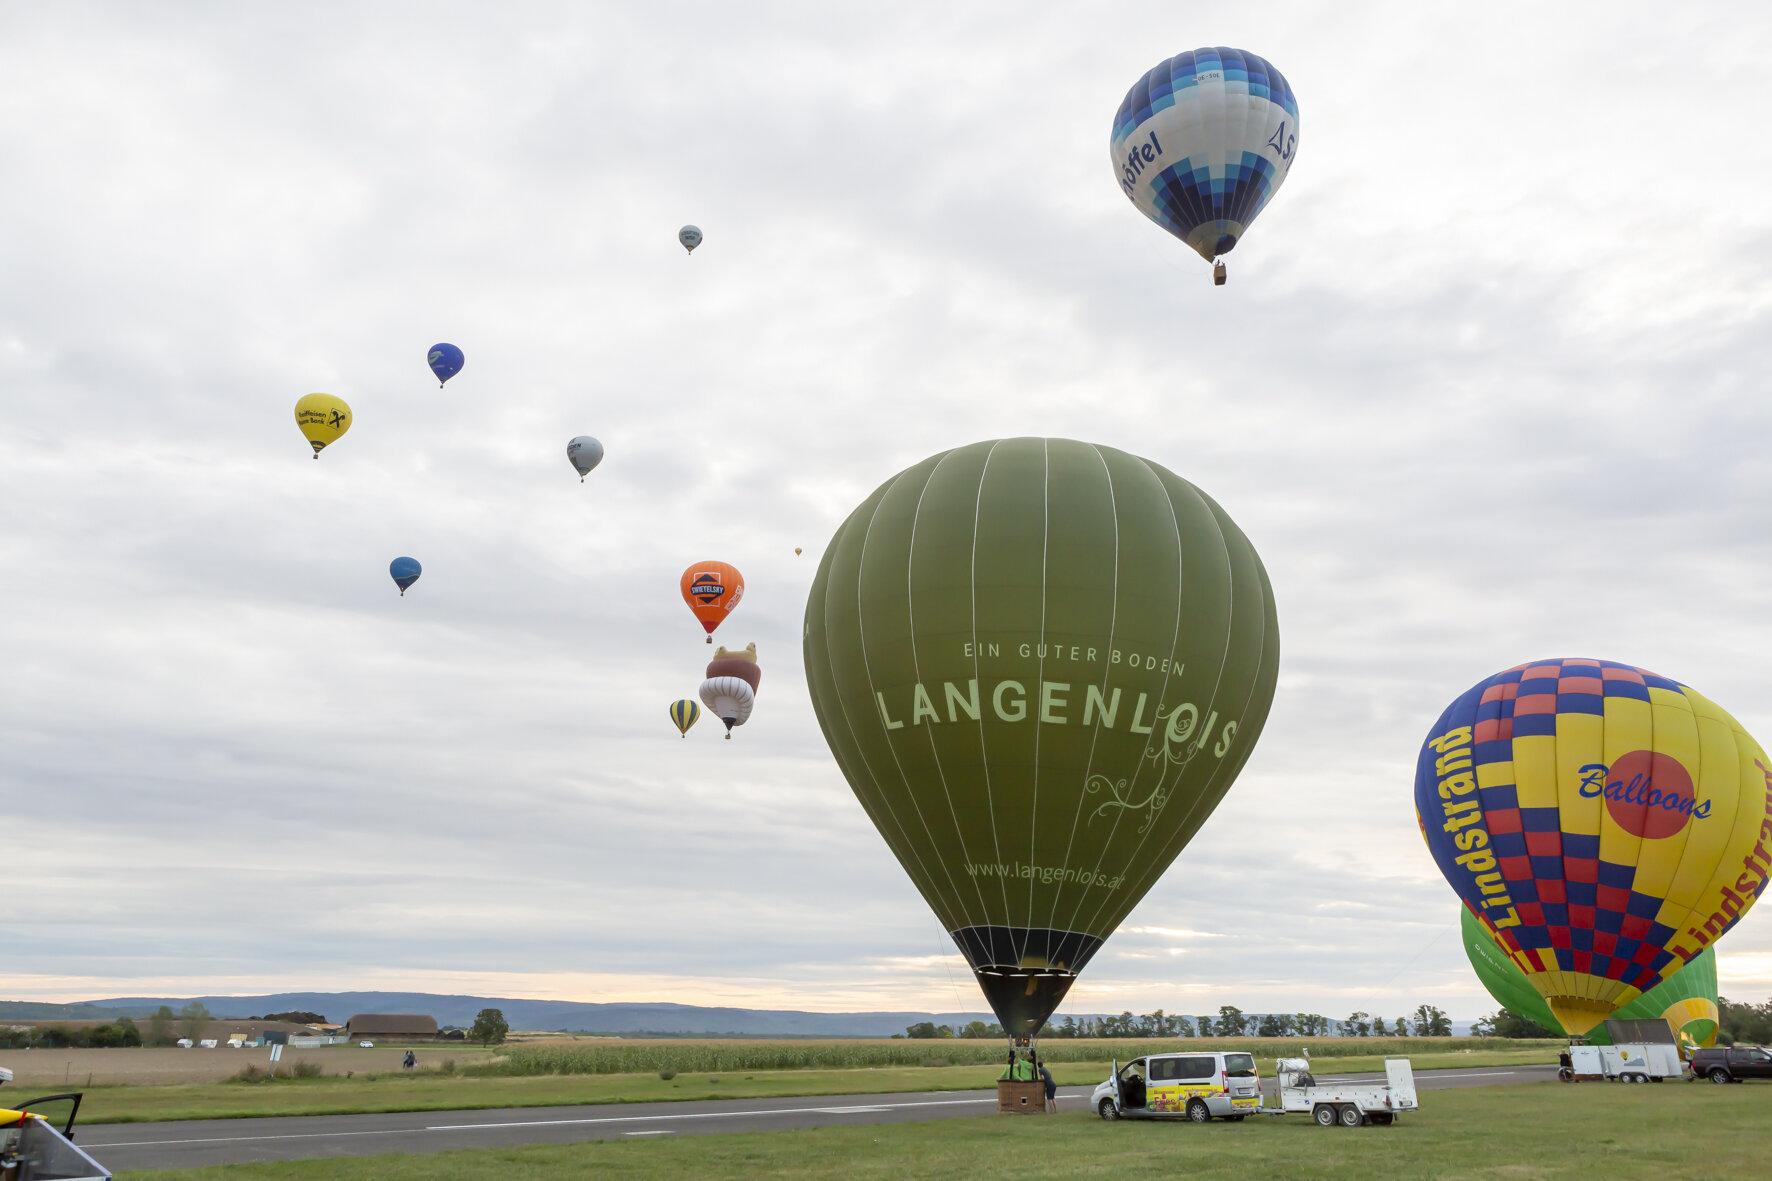 Ballontage Krems - Langenlois 20190818 1_568.jpg